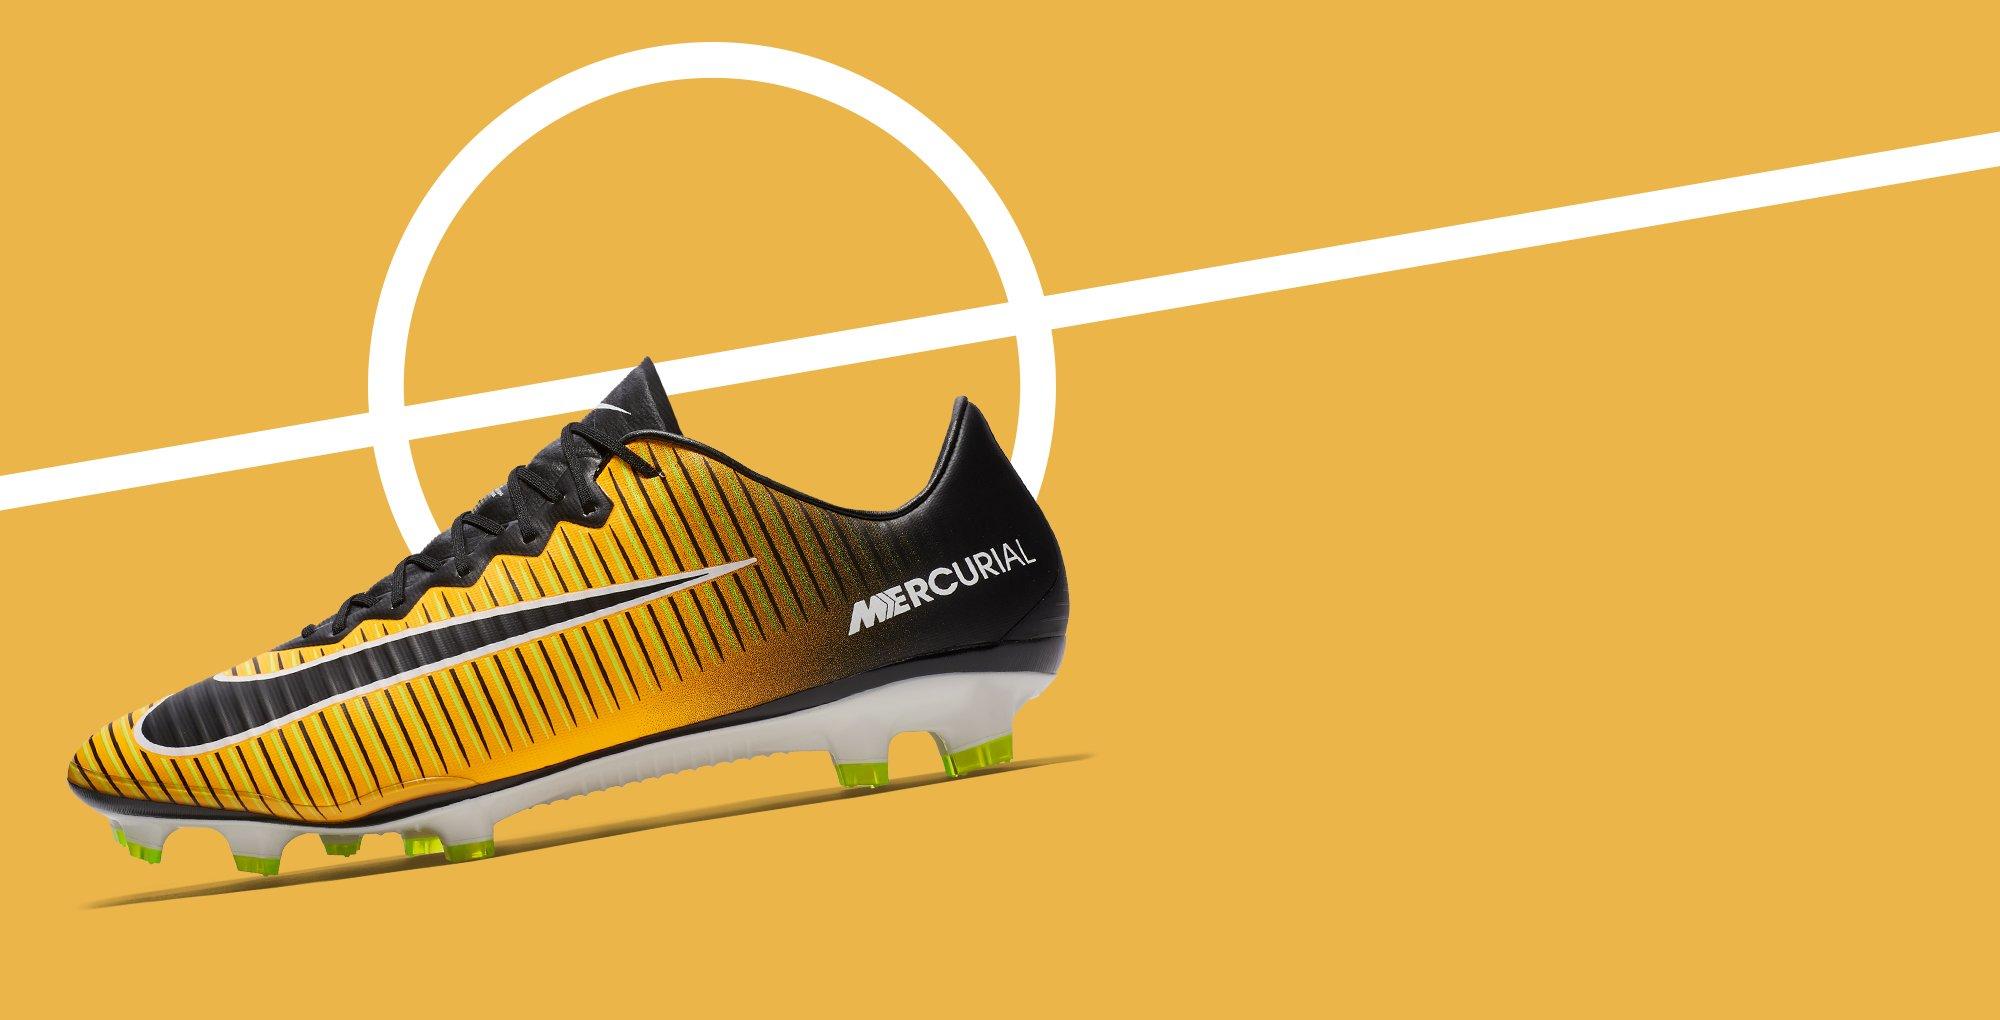 ccc9bede4 Nike Mercurial Lock In Let Loose Pack